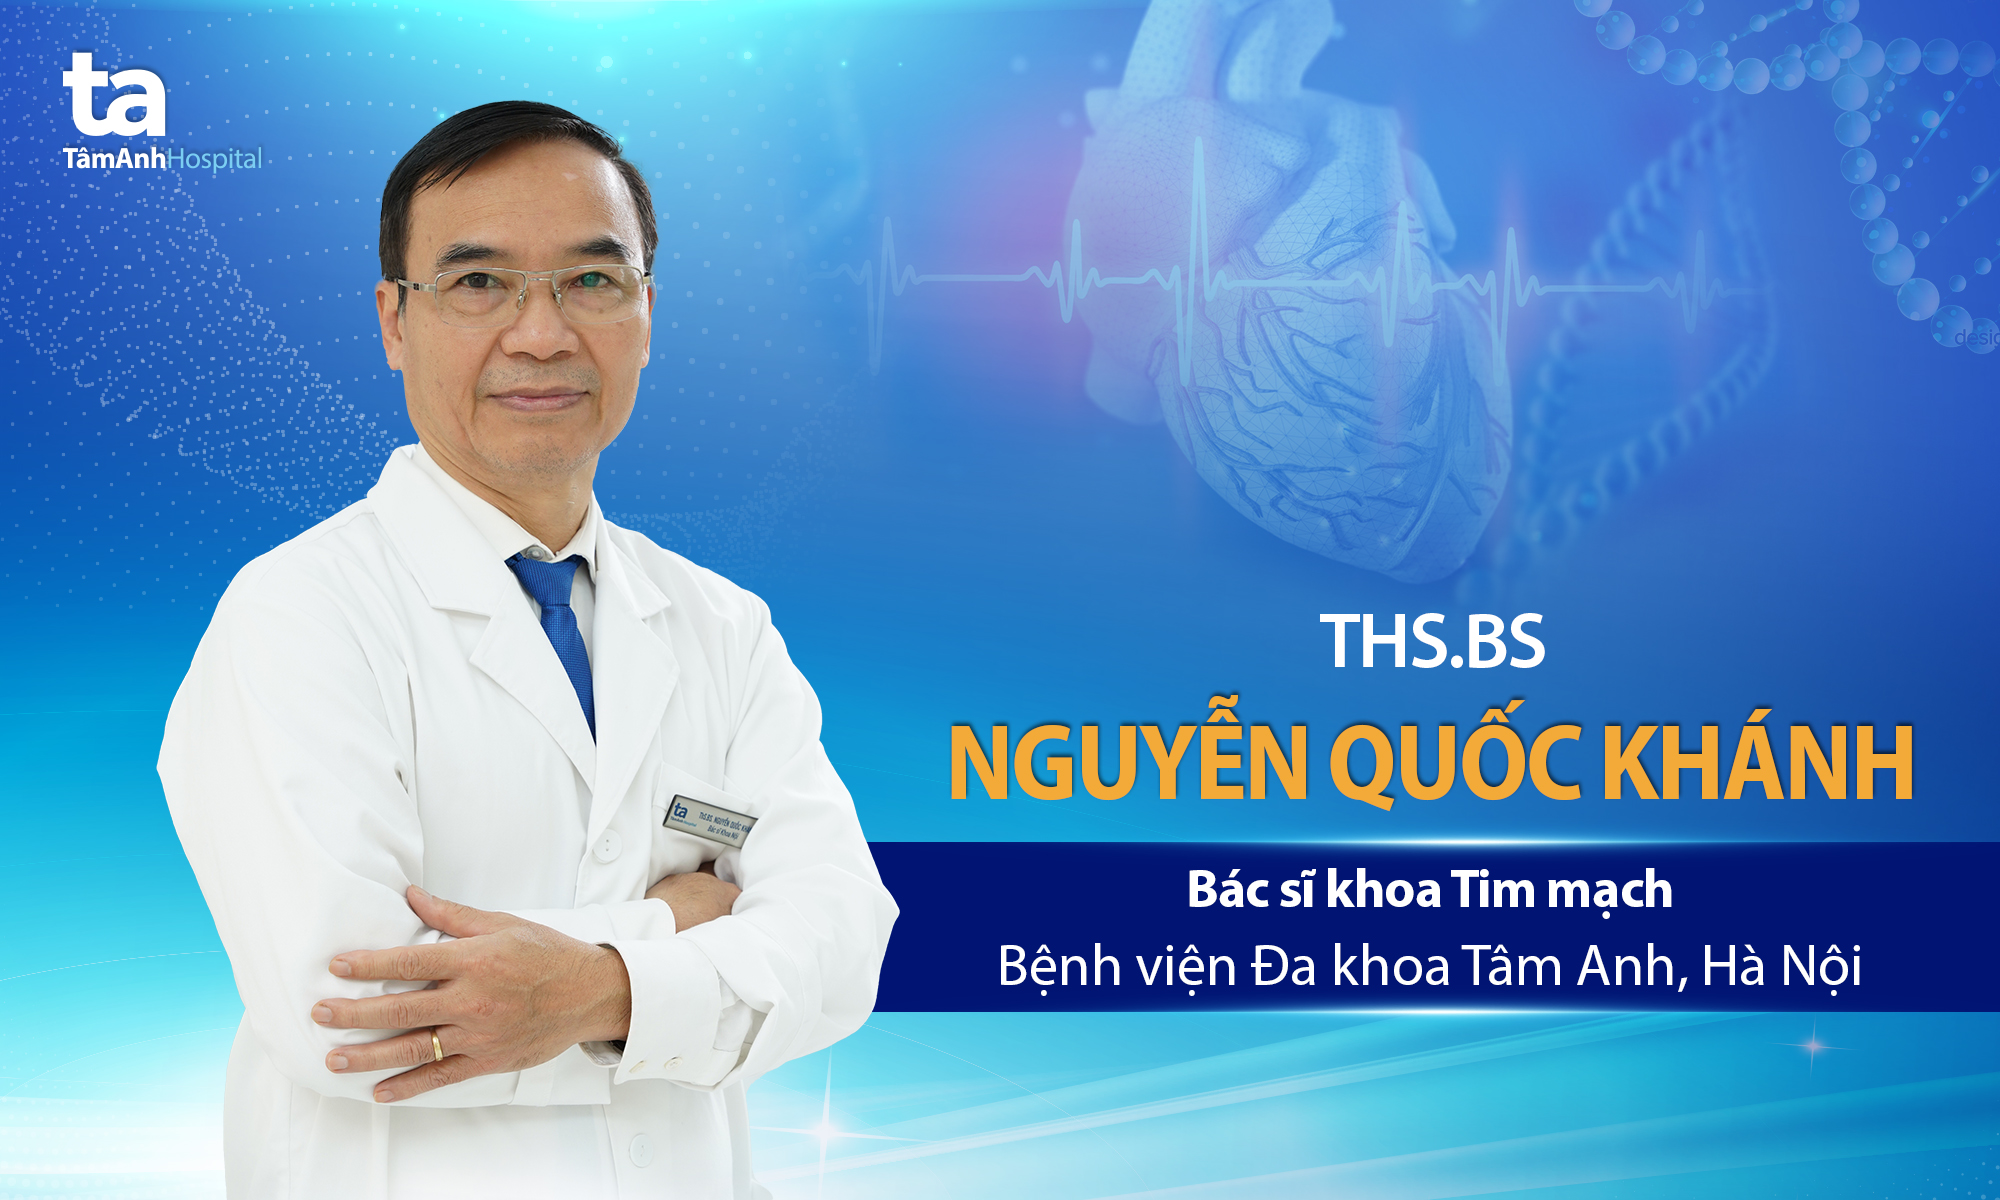 ThS.BS Nguyễn Quốc Khánh